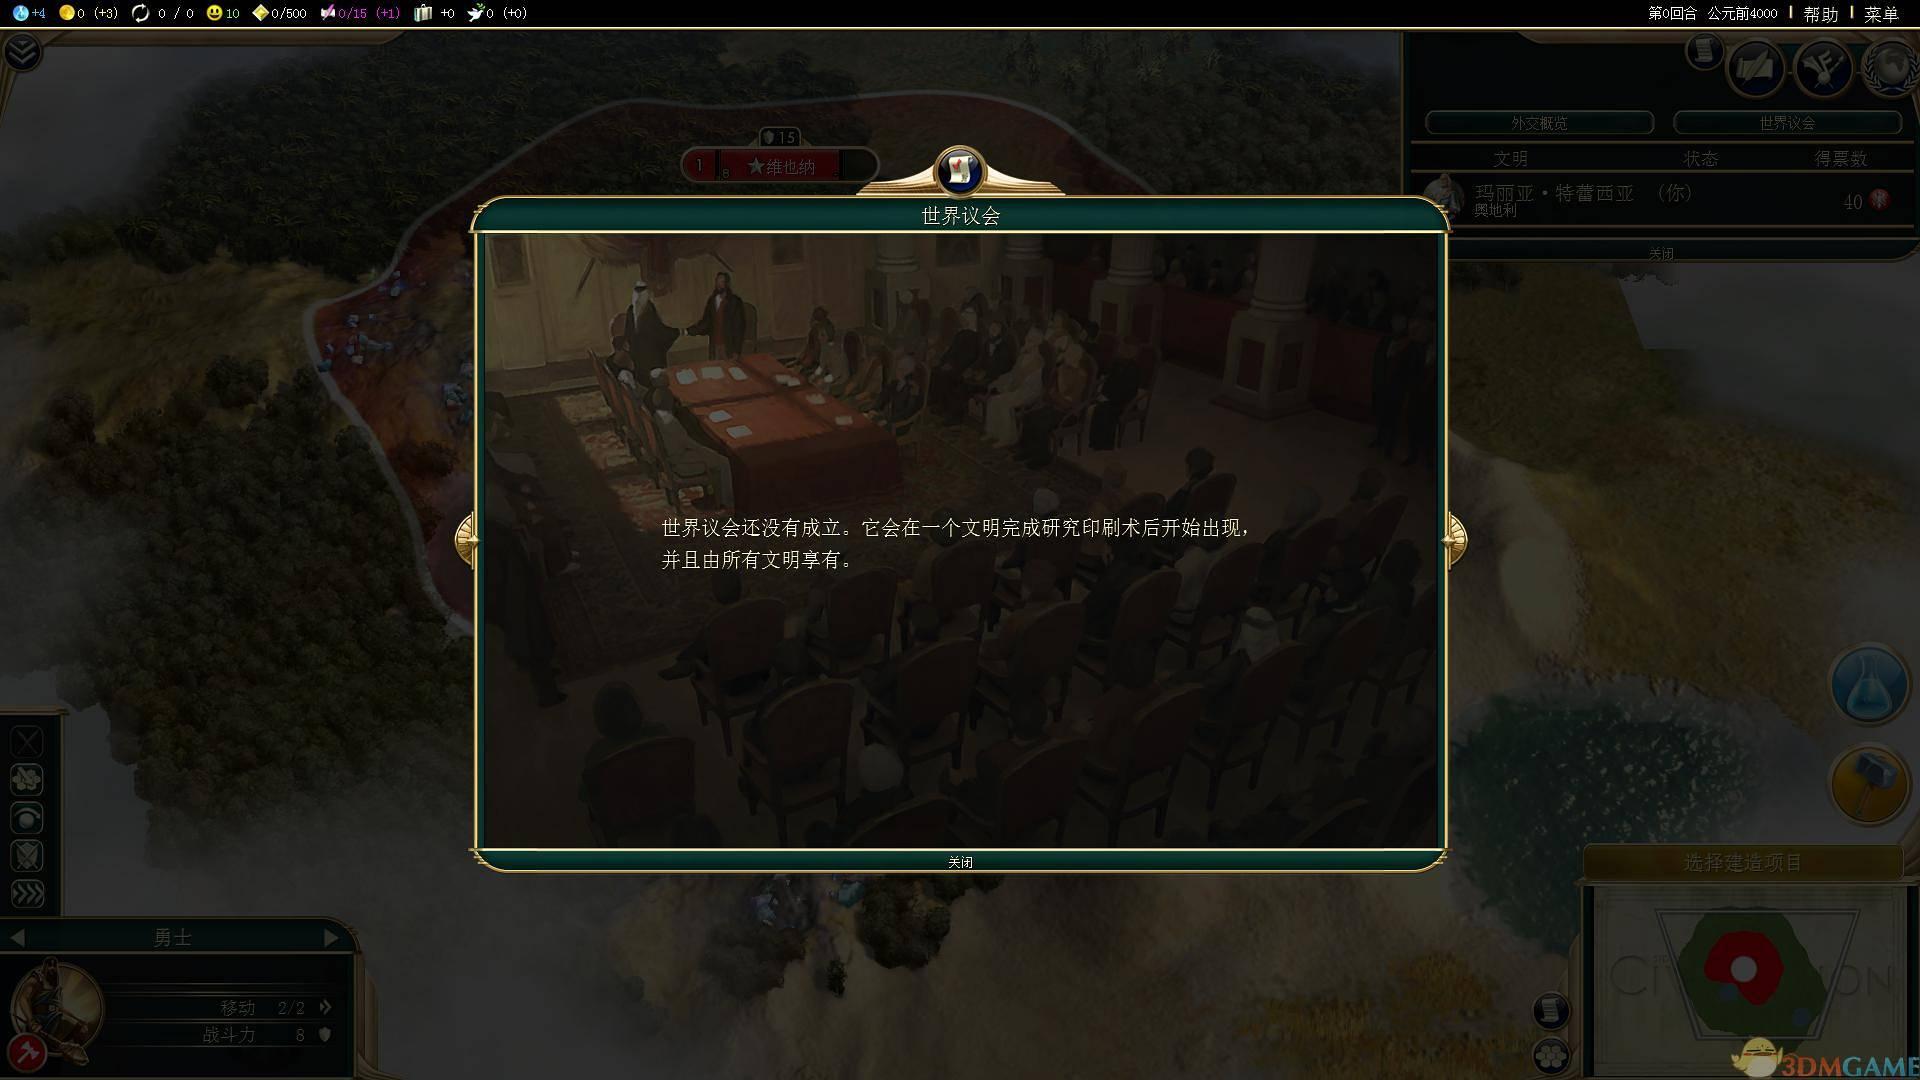 文明 5 美丽 新 世界 下载